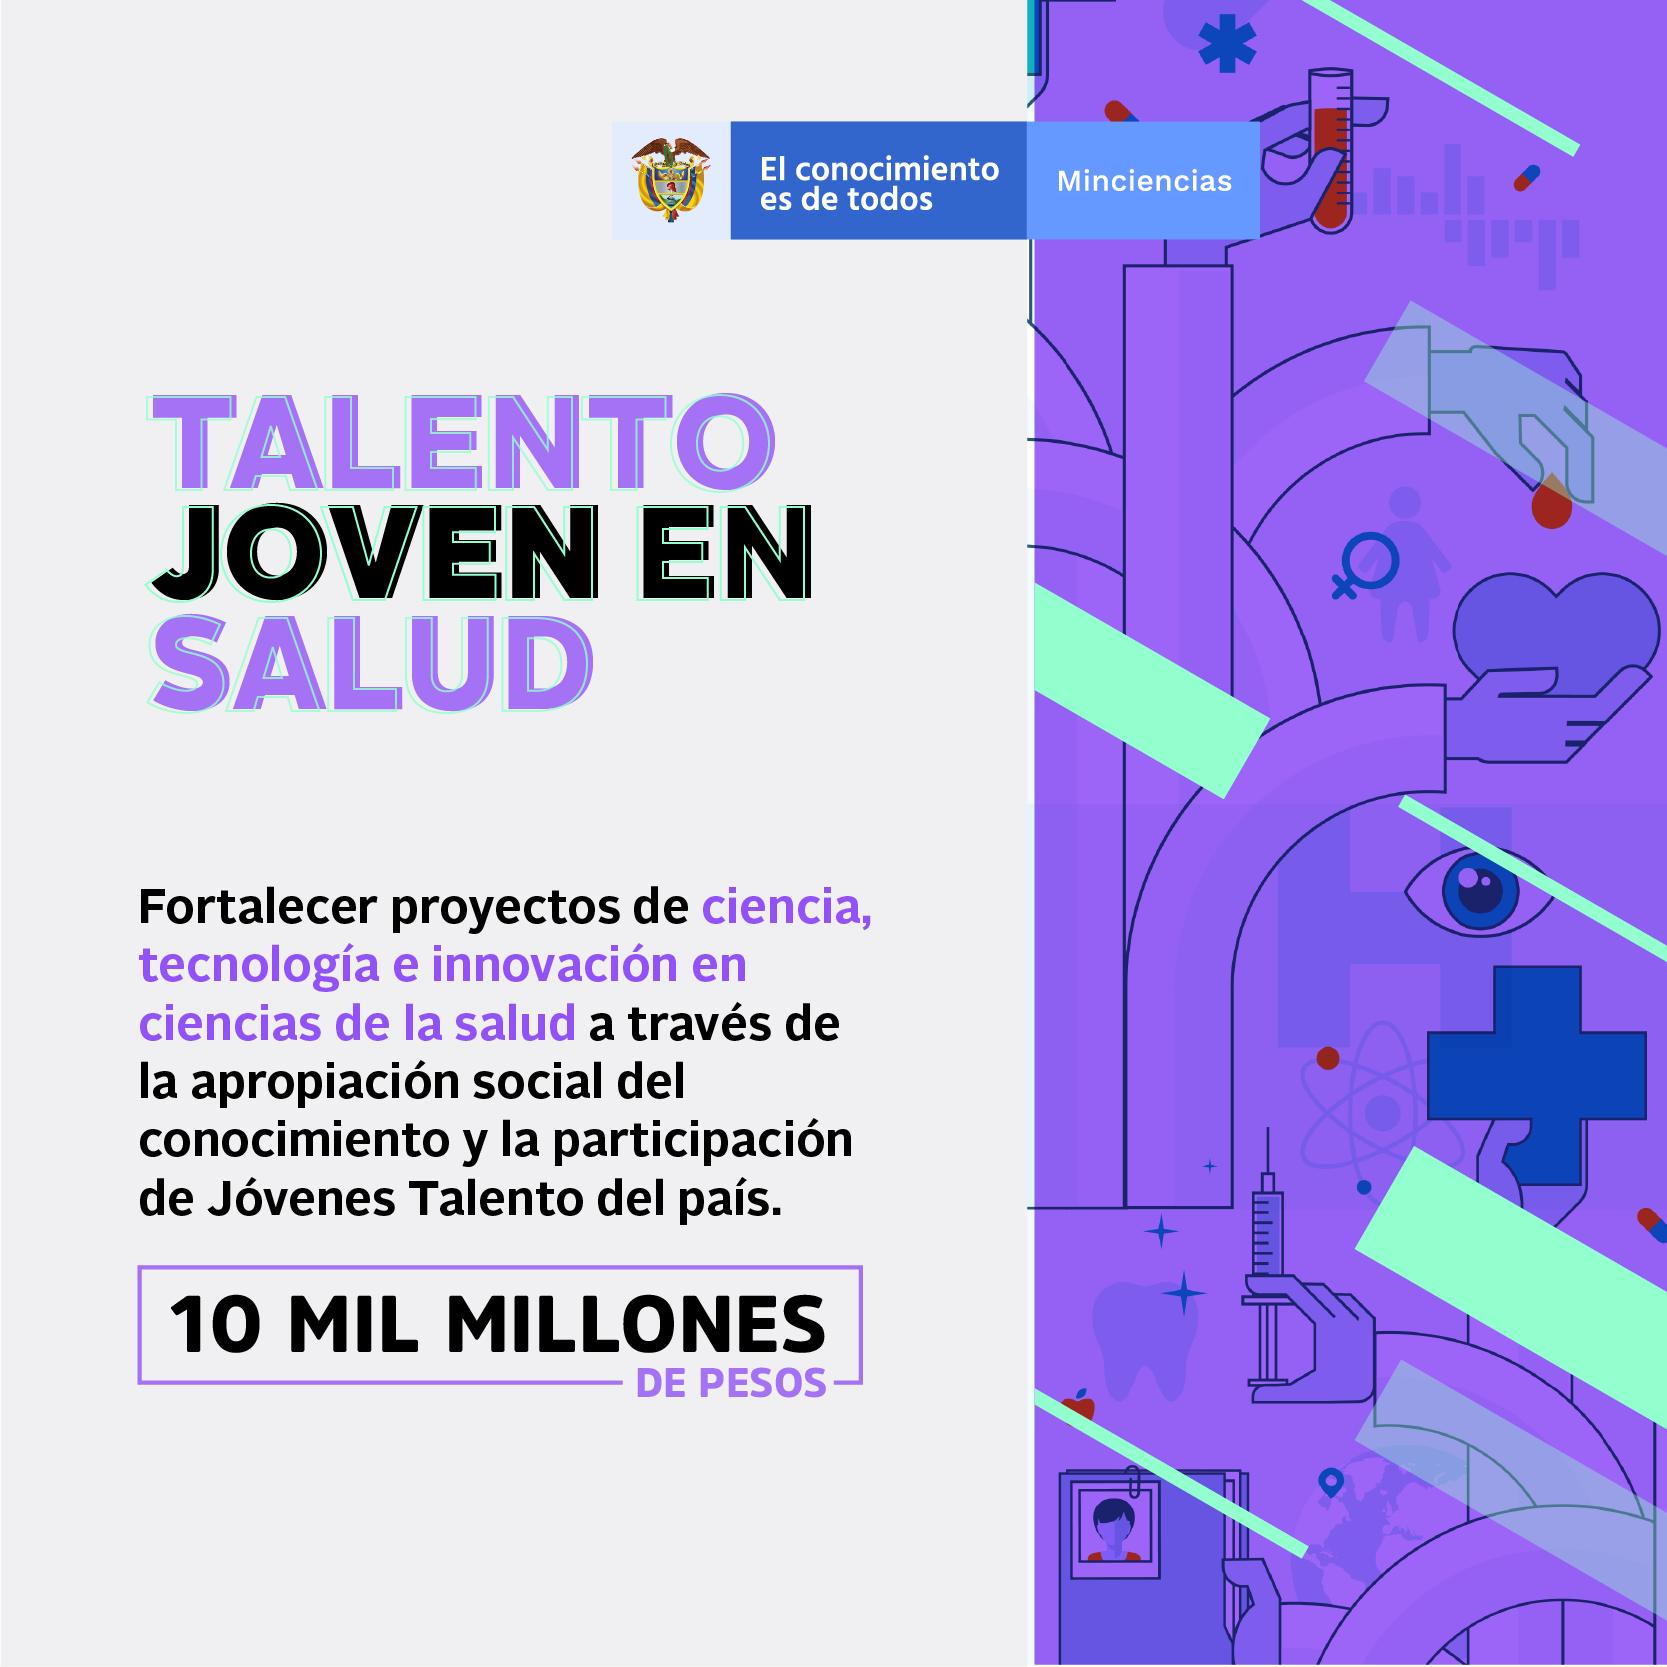 Talento joven en salud (Minciencias)